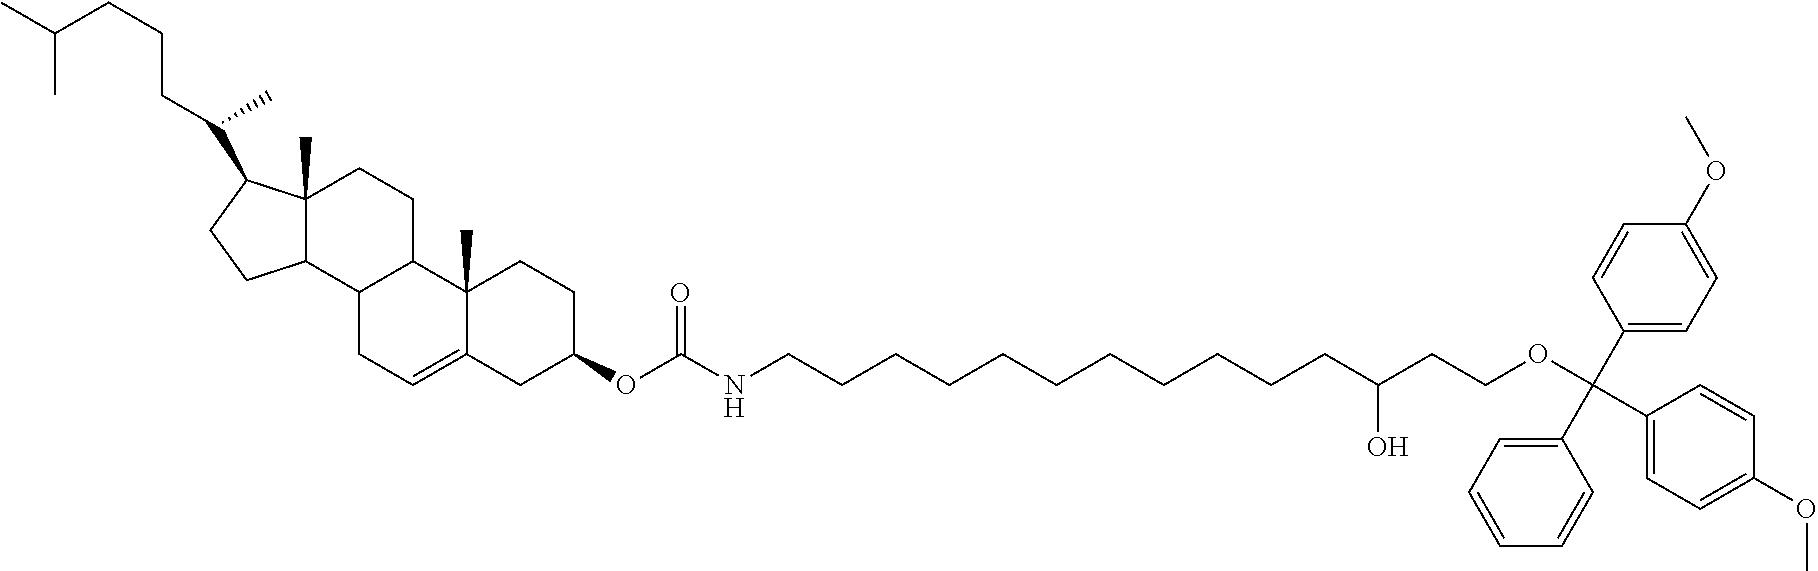 Figure US08252755-20120828-C00017